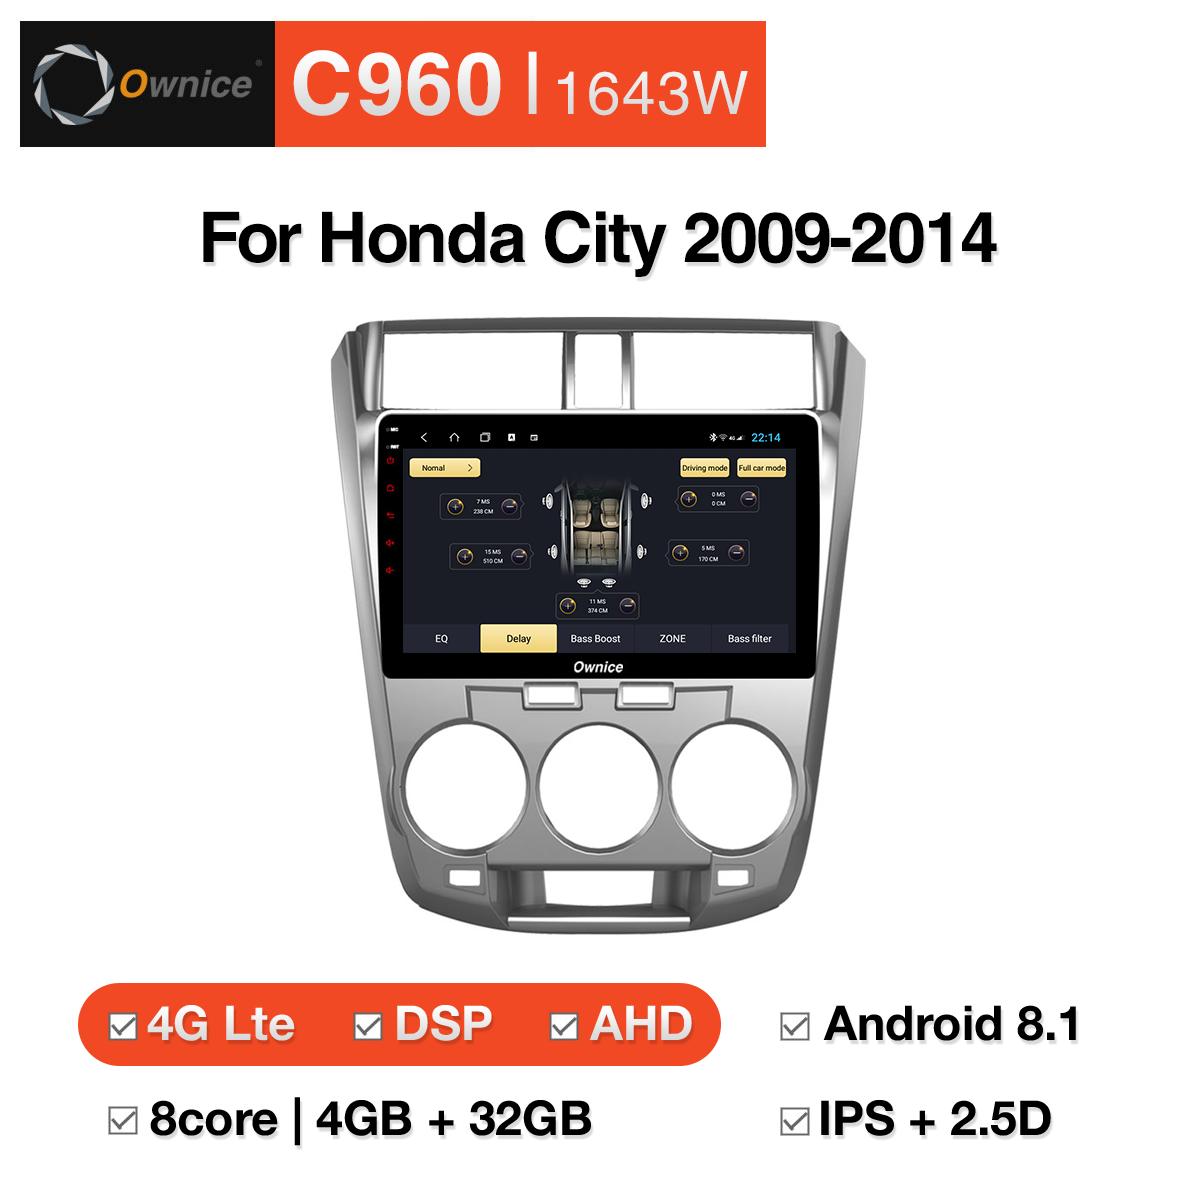 Đầu DVD android Ownice C960 cho xe ô tô Honda City 2009-2014Đầu DVD android Ownice C960 cho xe ô tô Honda City 2009-2014